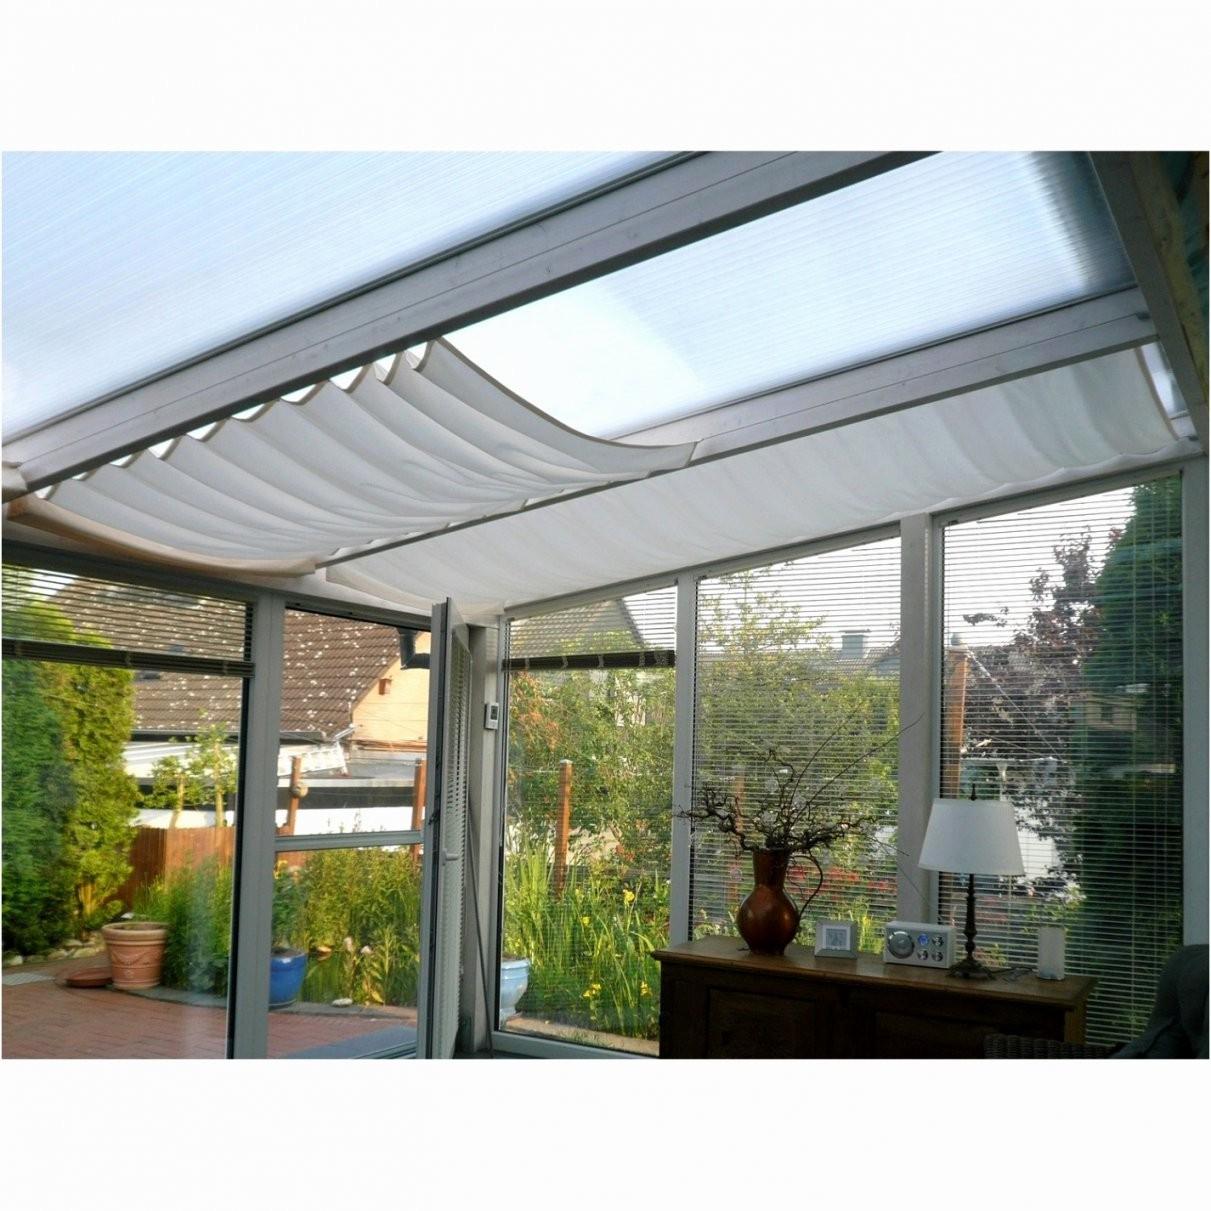 Regenschutz Kleiner Balkon Elegant Regenschutz Terrasse Selber Bauen von Regenschutz Terrasse Selber Bauen Bild